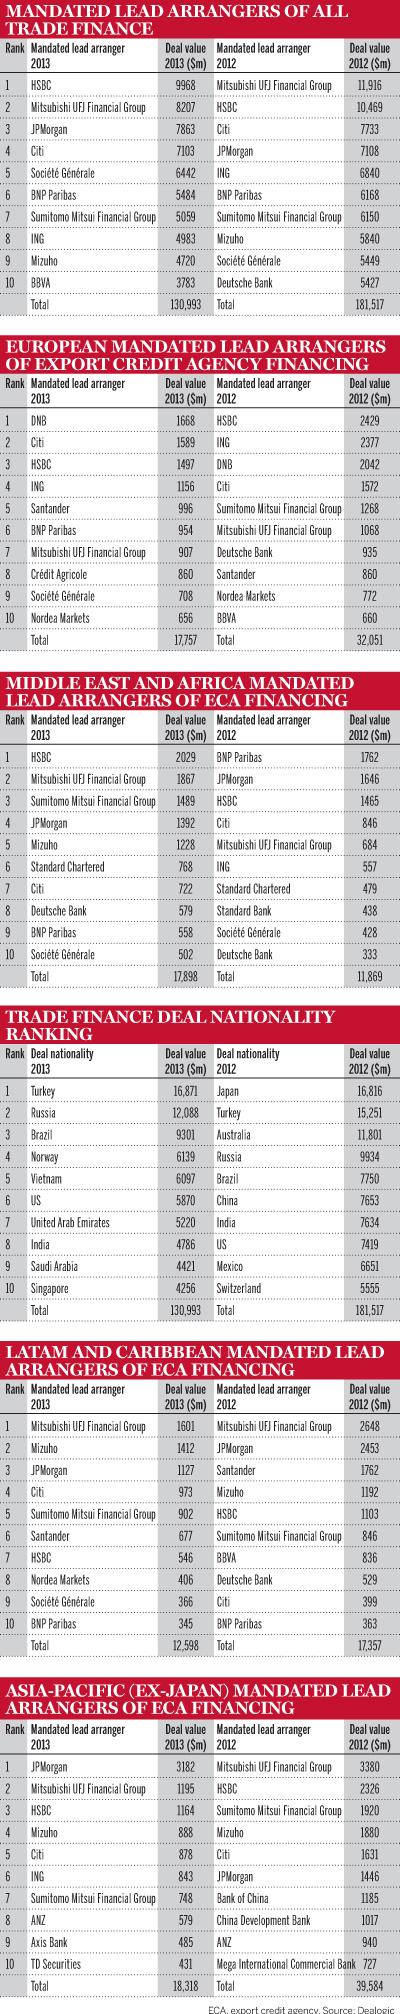 Trade finance deals